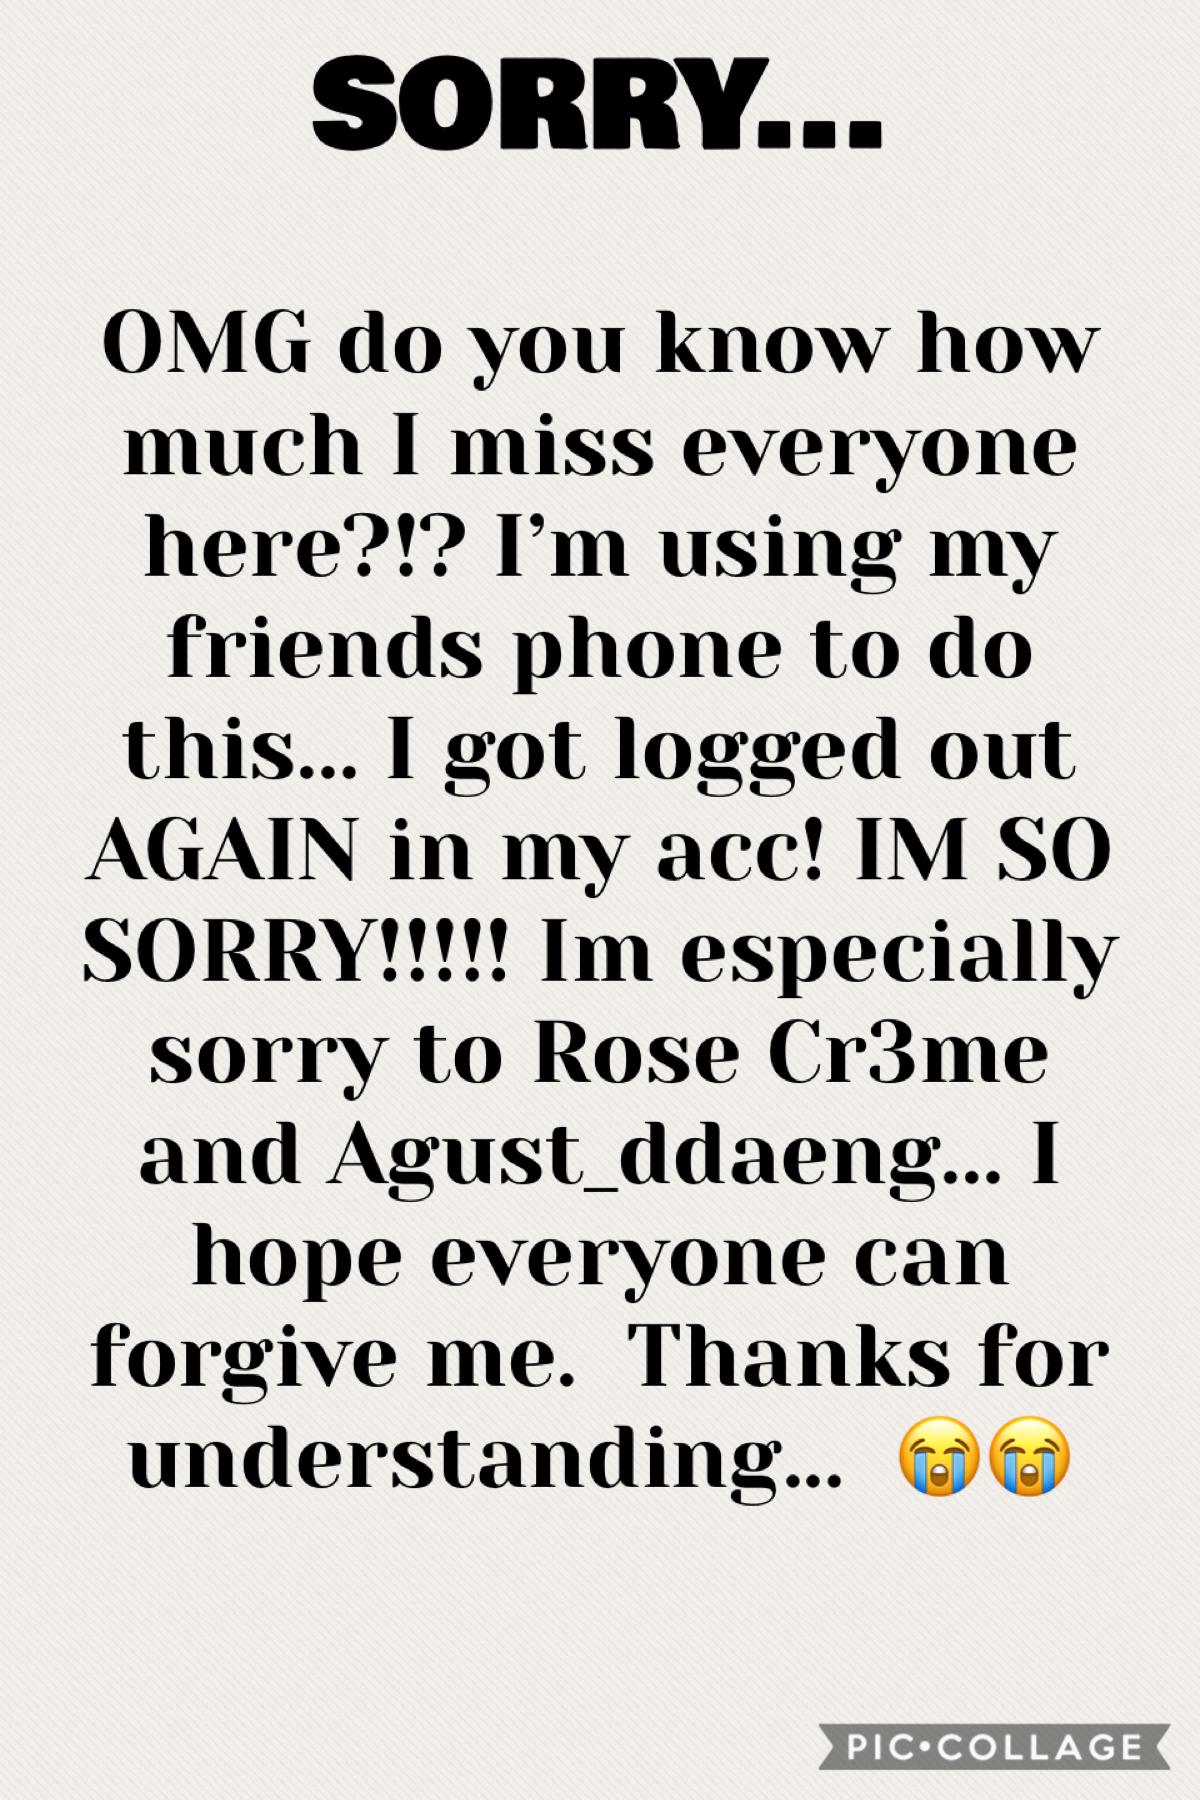 I HOPE EVERYONE CAN FORGIVE ME...